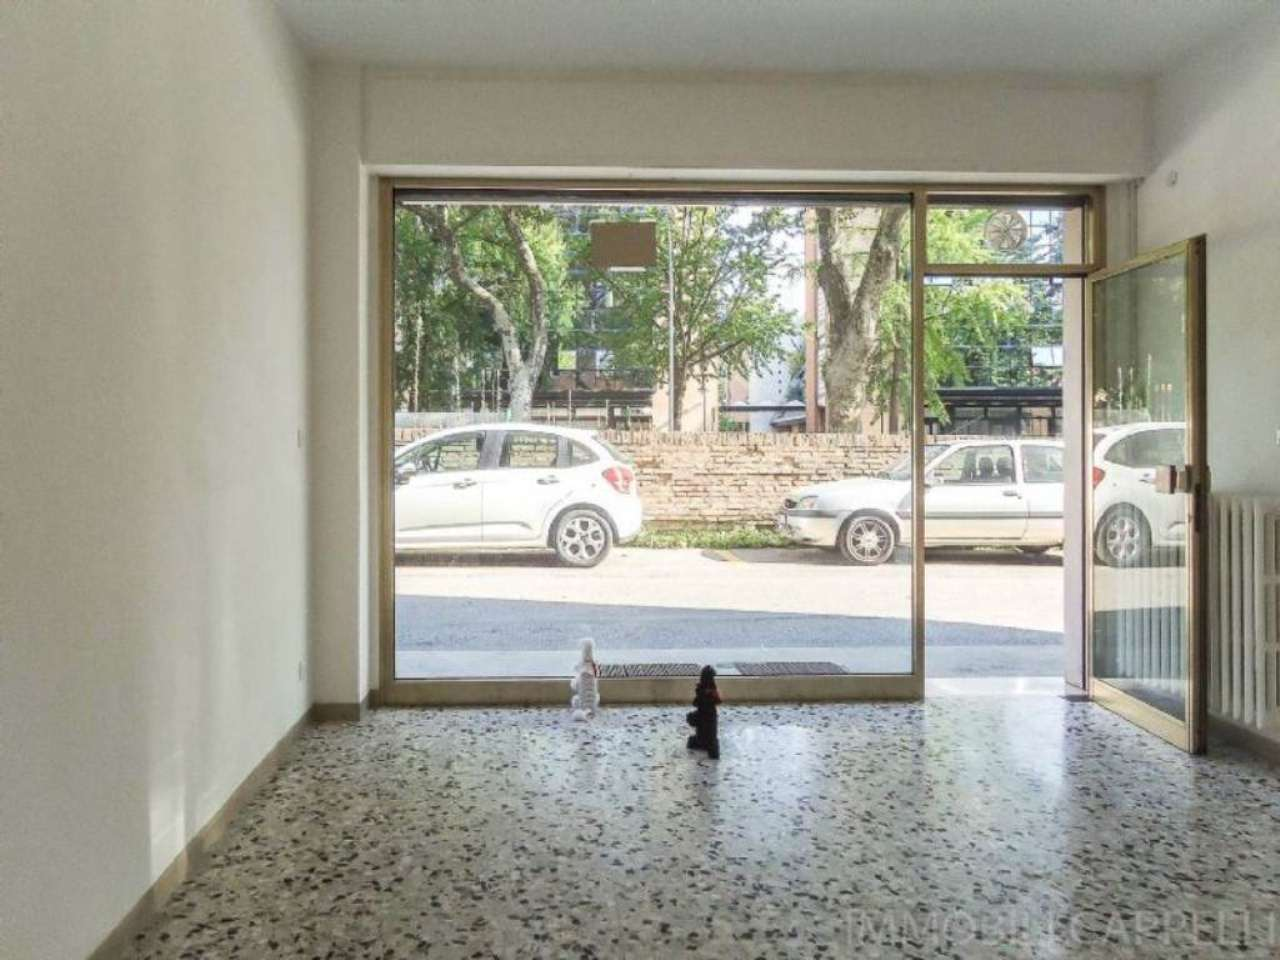 Negozio / Locale in vendita a Cesena, 9999 locali, prezzo € 70.000 | CambioCasa.it